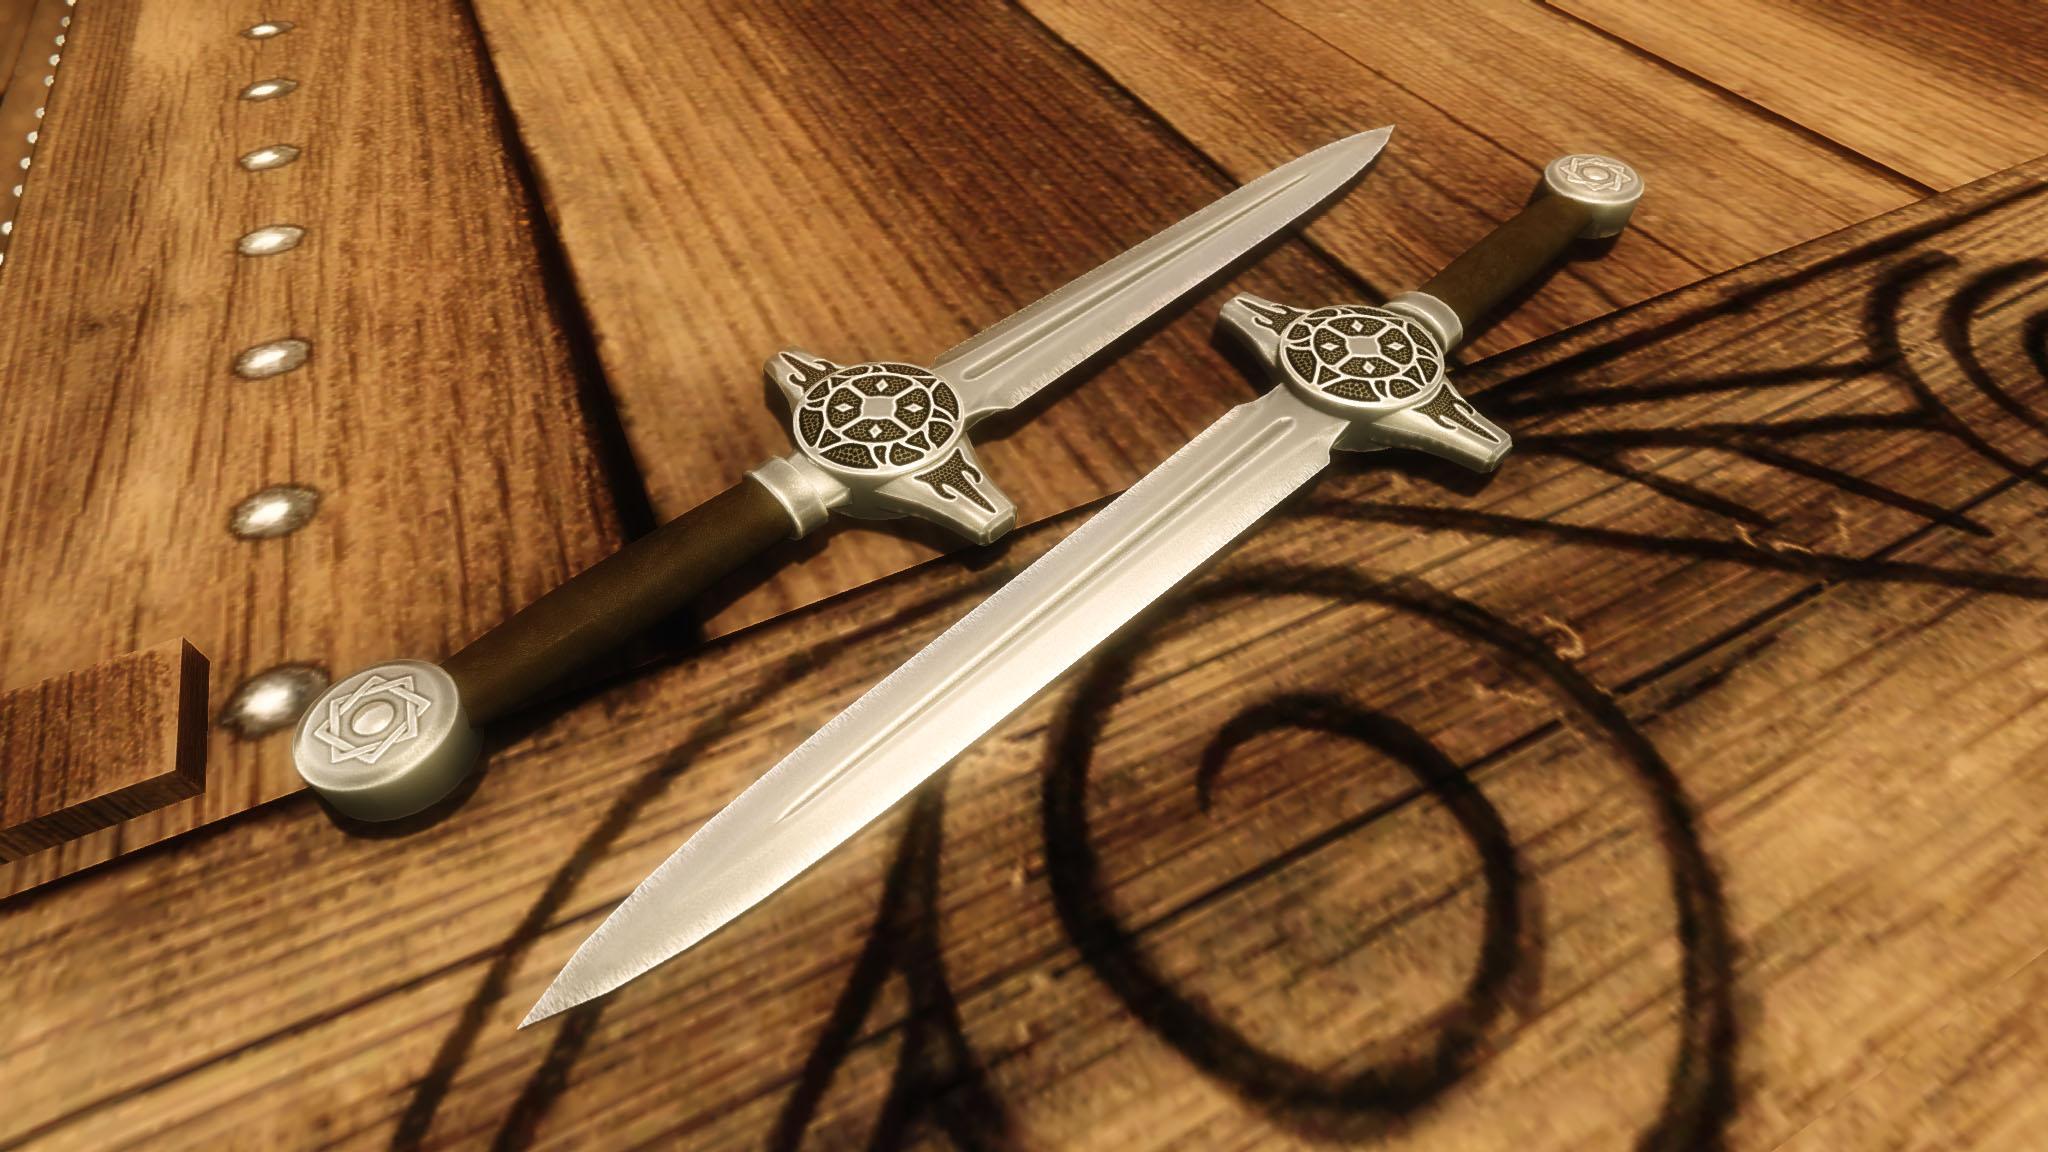 The elder scrolls: 5 skyrim «dragonborn» / драконорожденный.